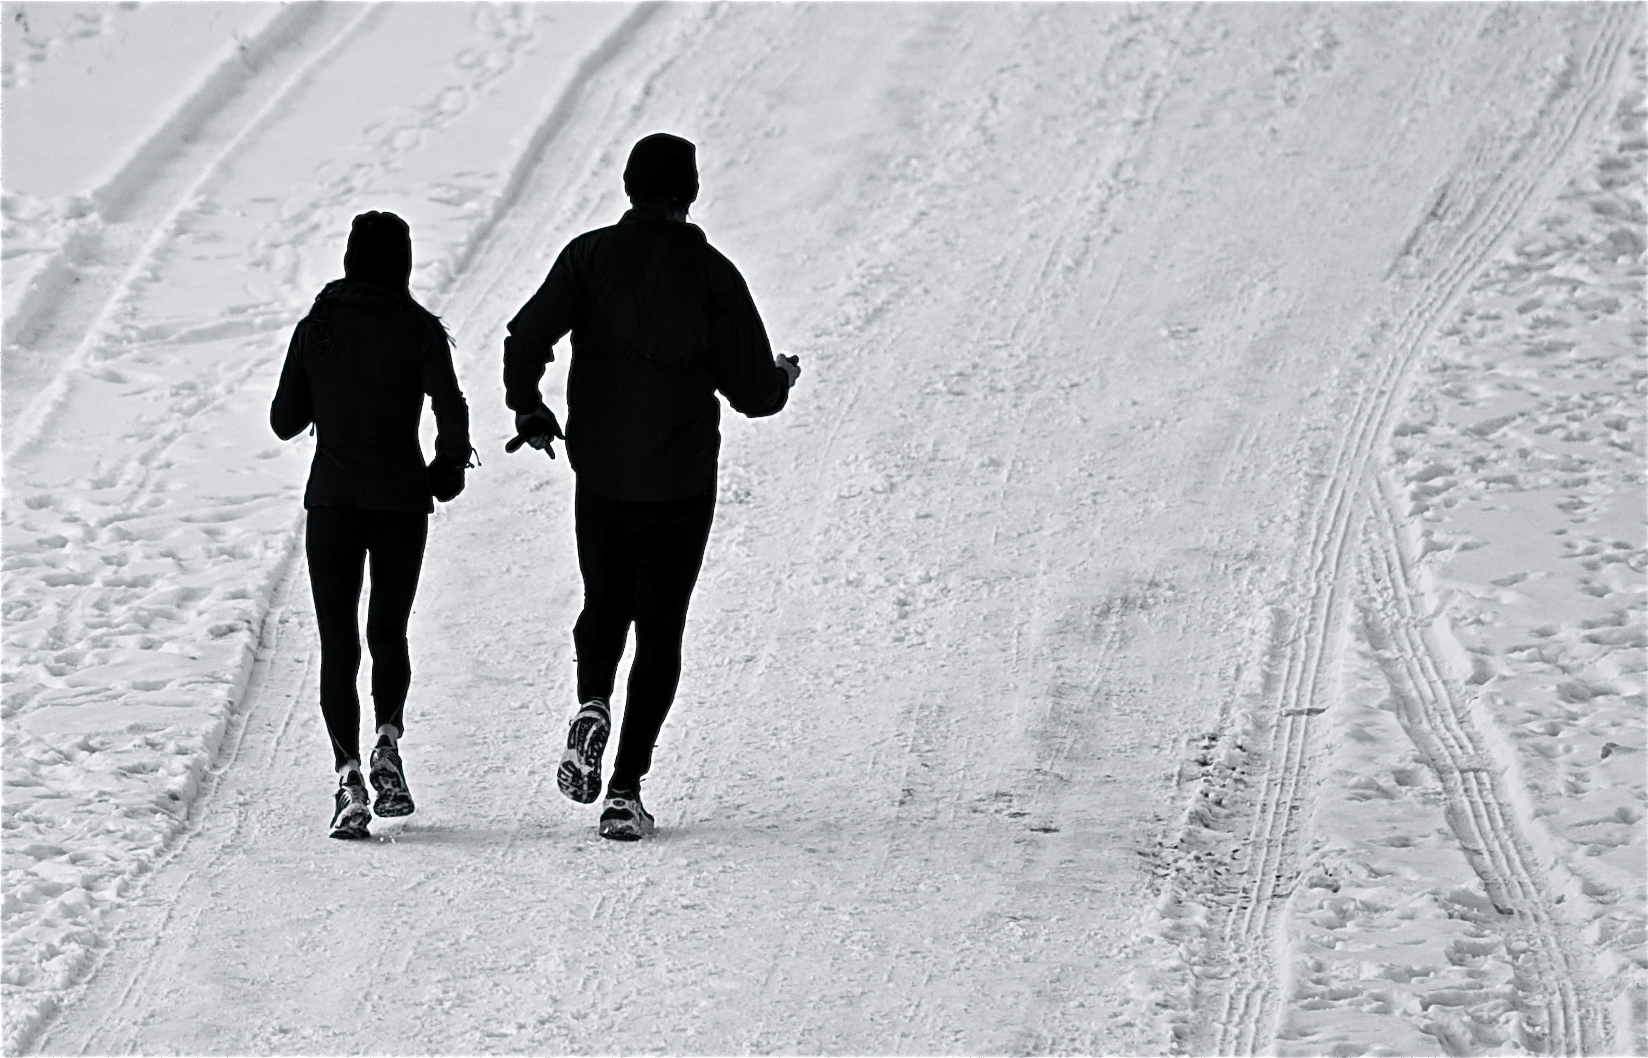 Wintersport II